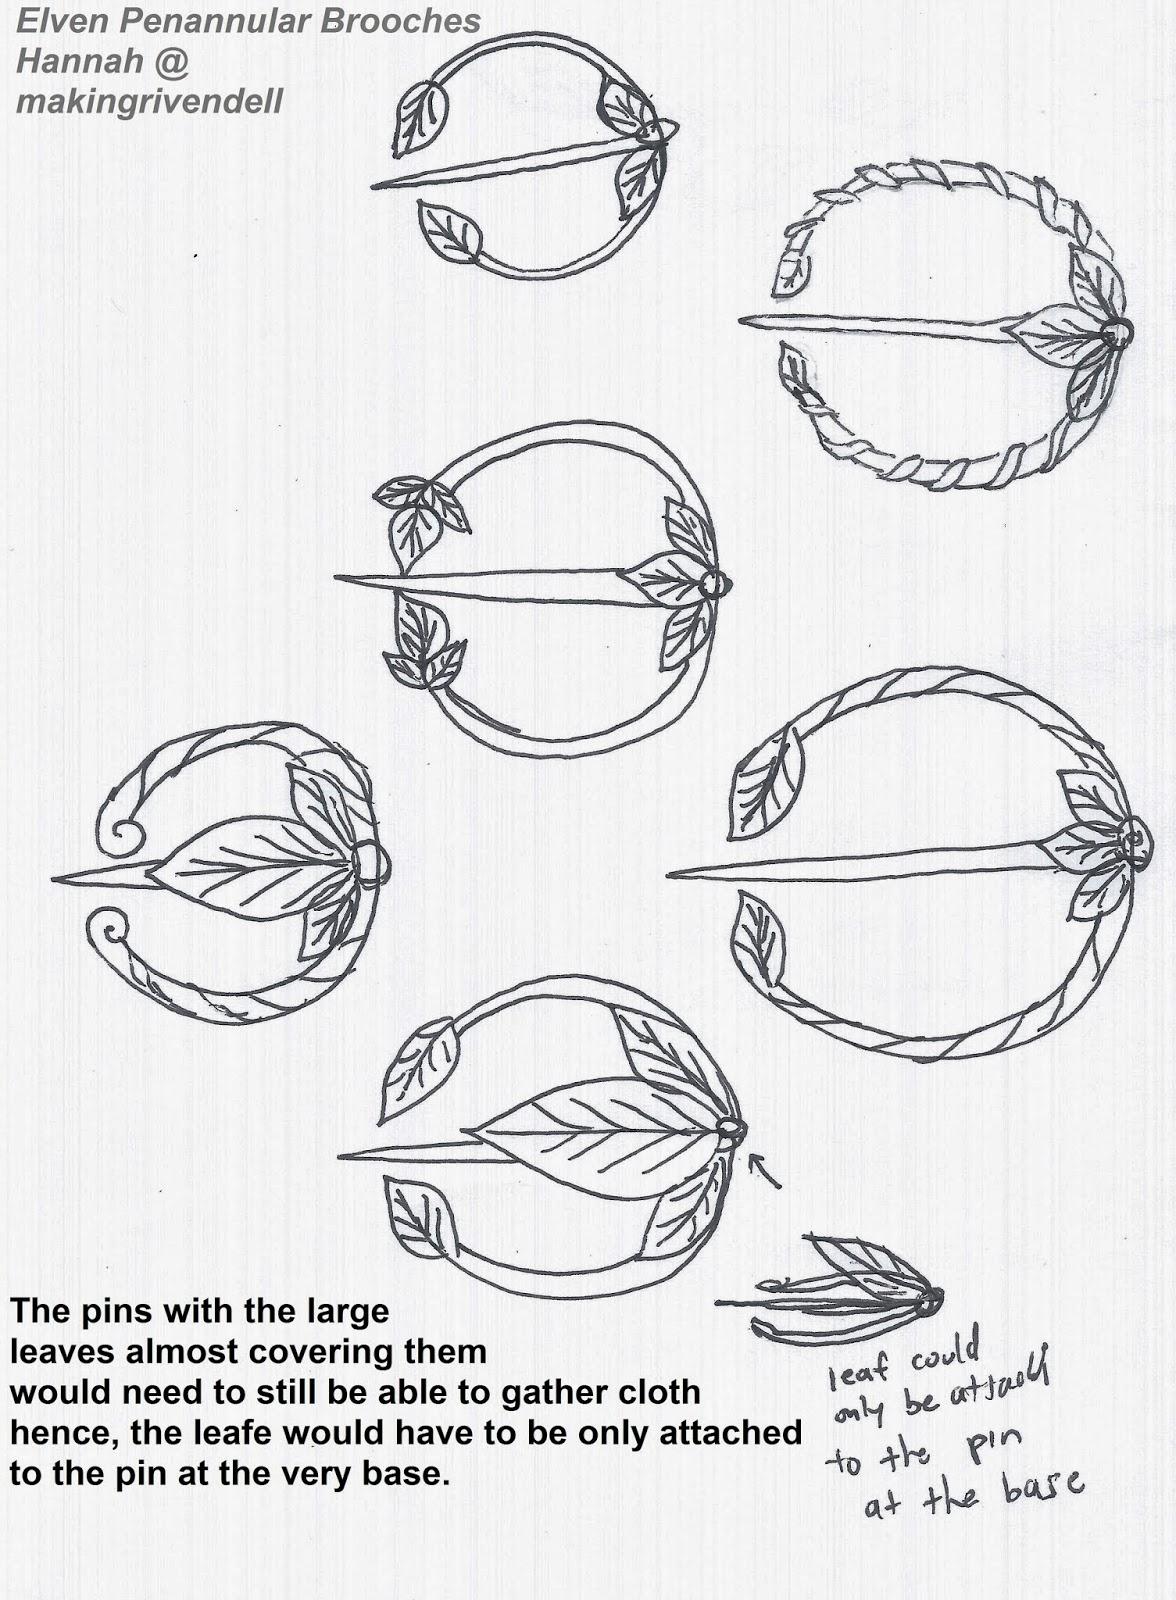 Making Rivendell in the Desert: Elven Penannular Brooches Designs